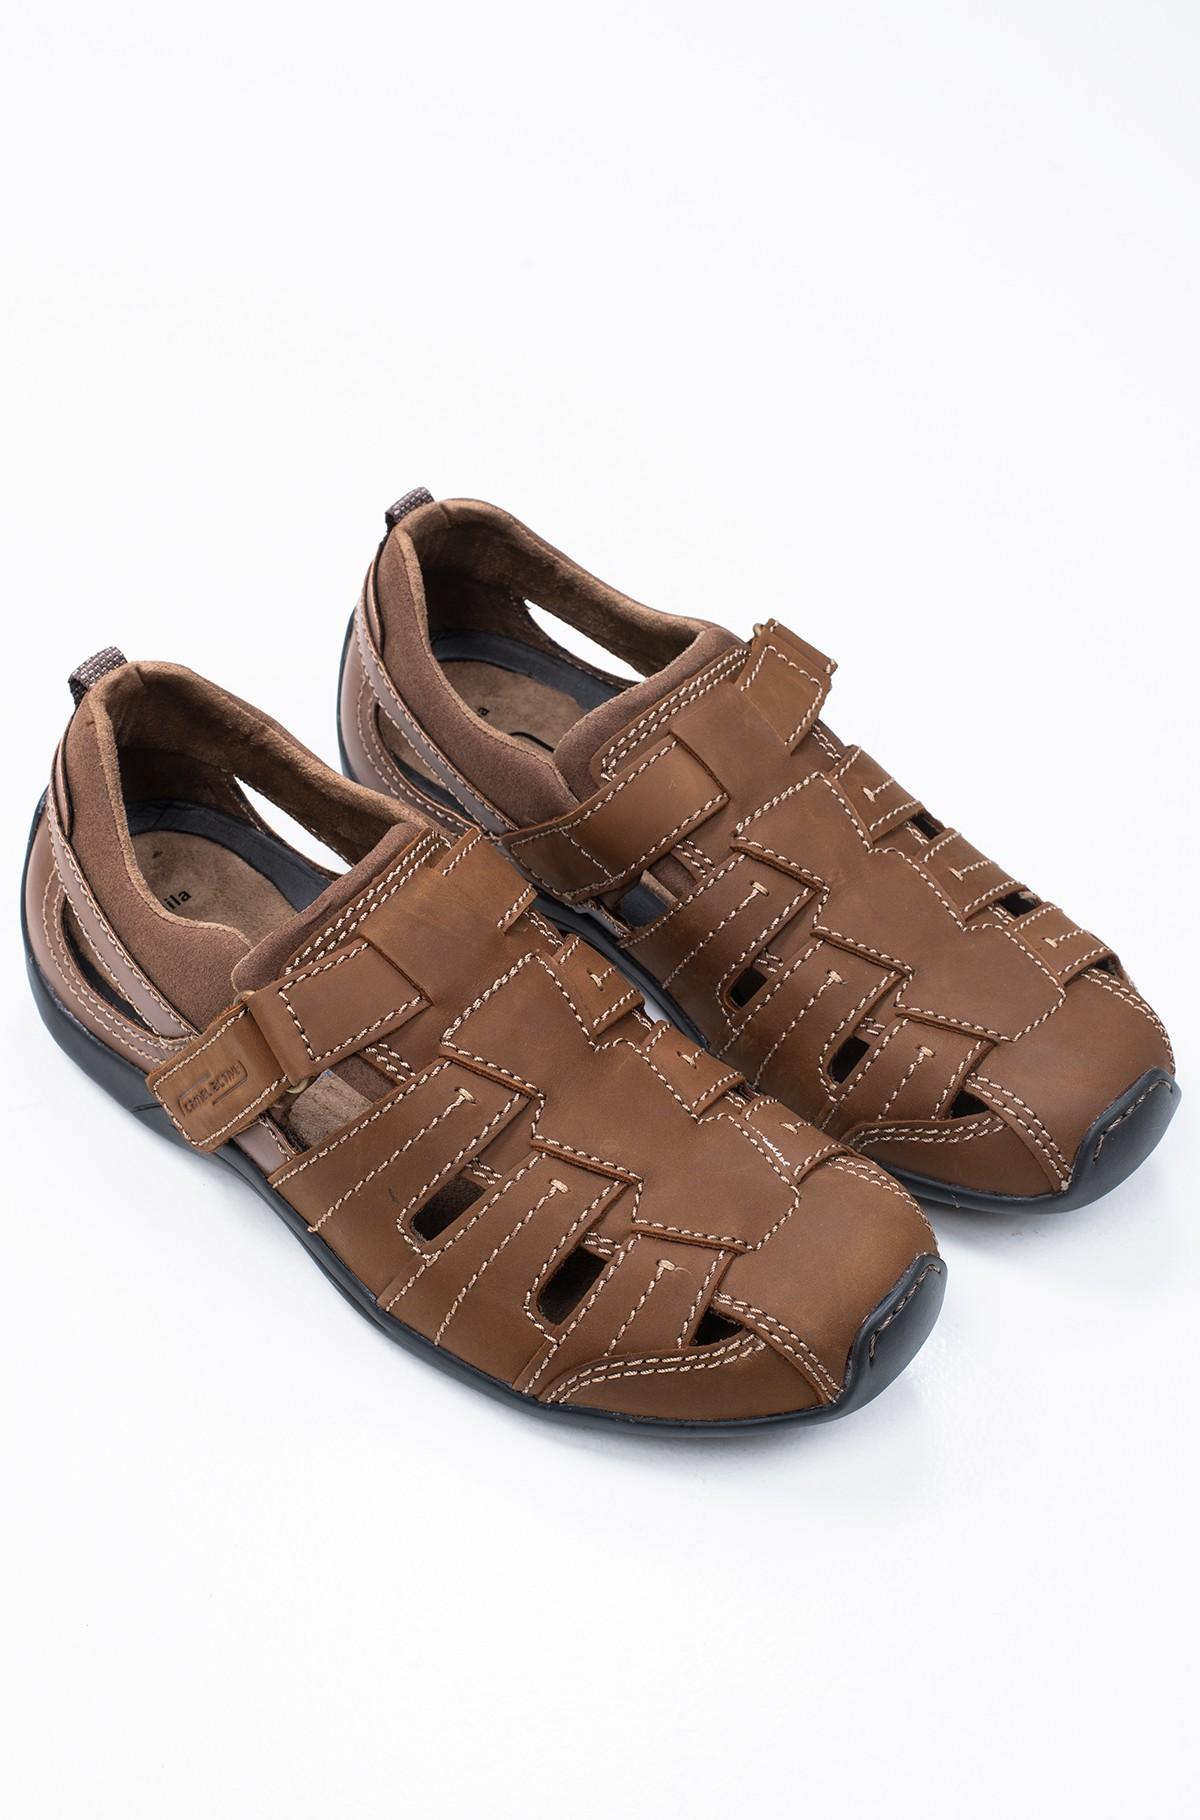 Kinnised sandaalid 292.12.10-full-1